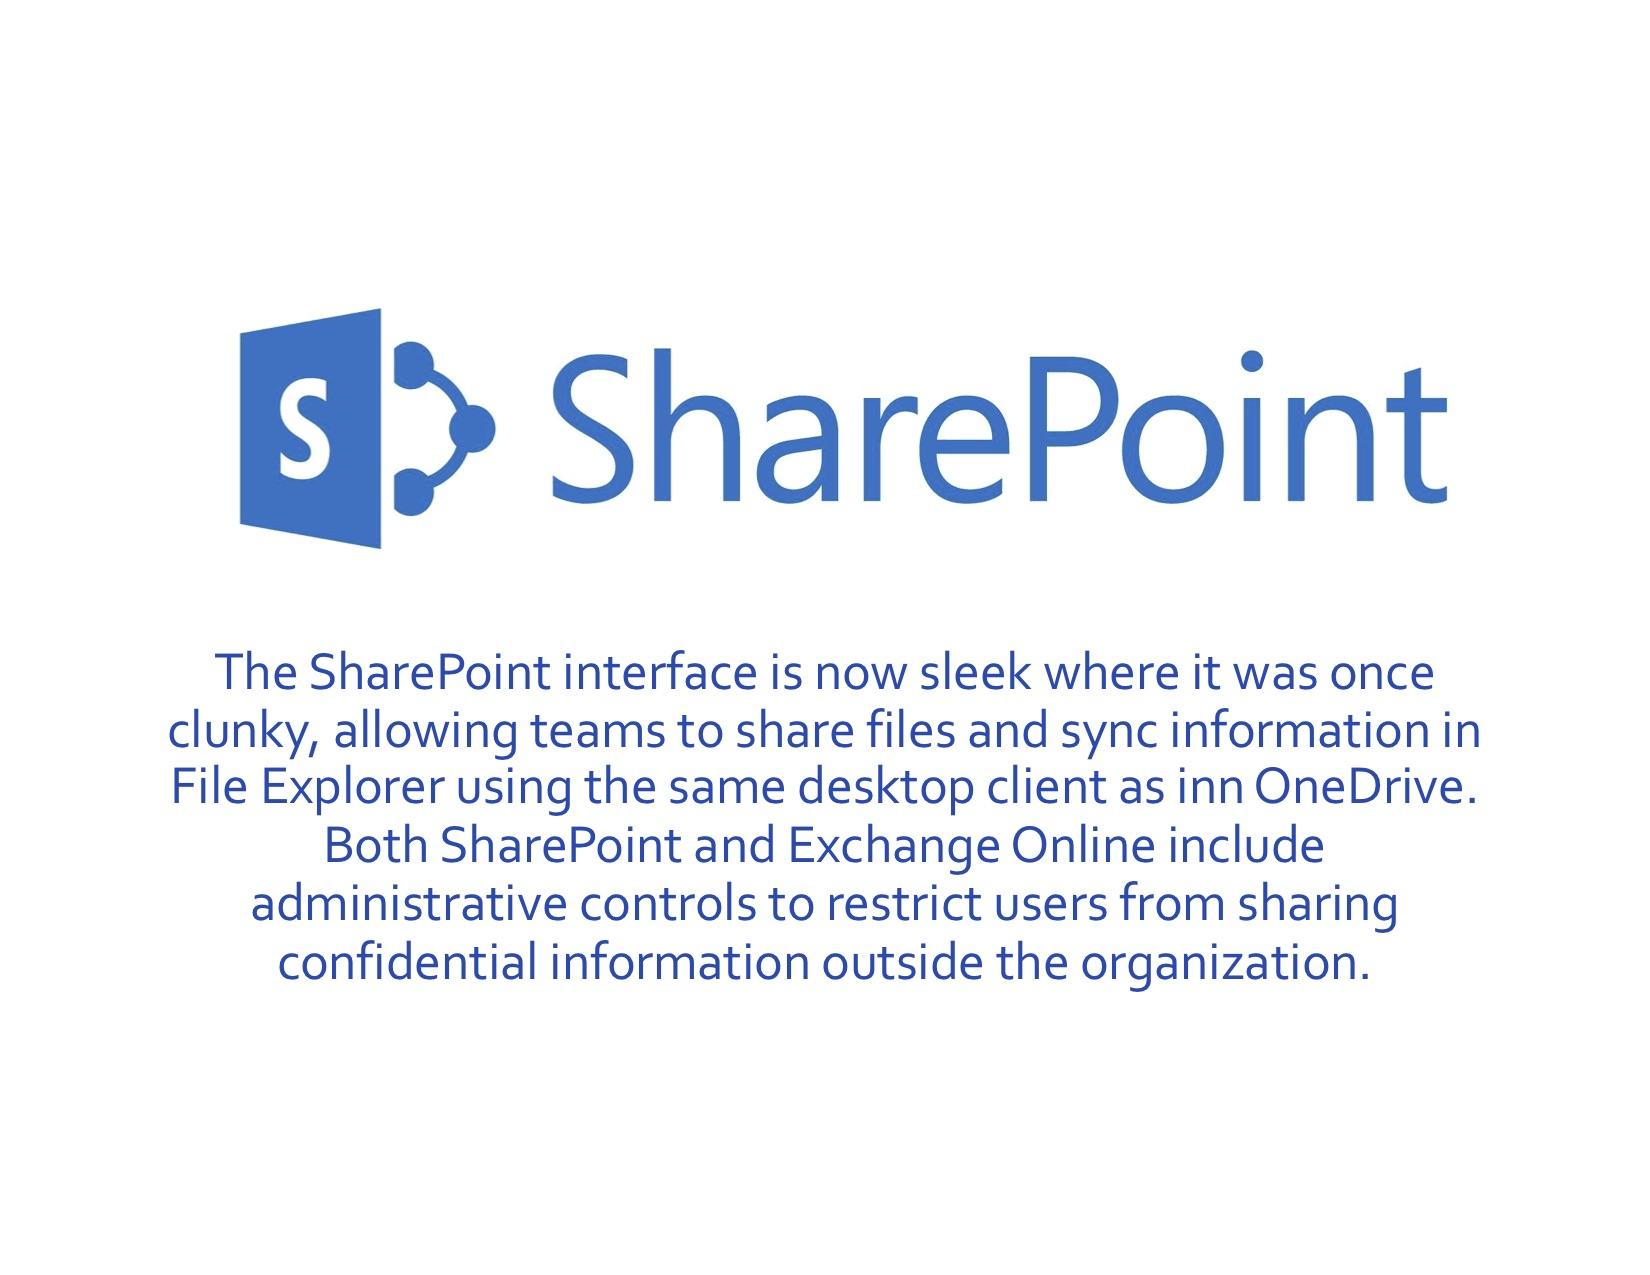 Microsoft Sharepoint.jpg